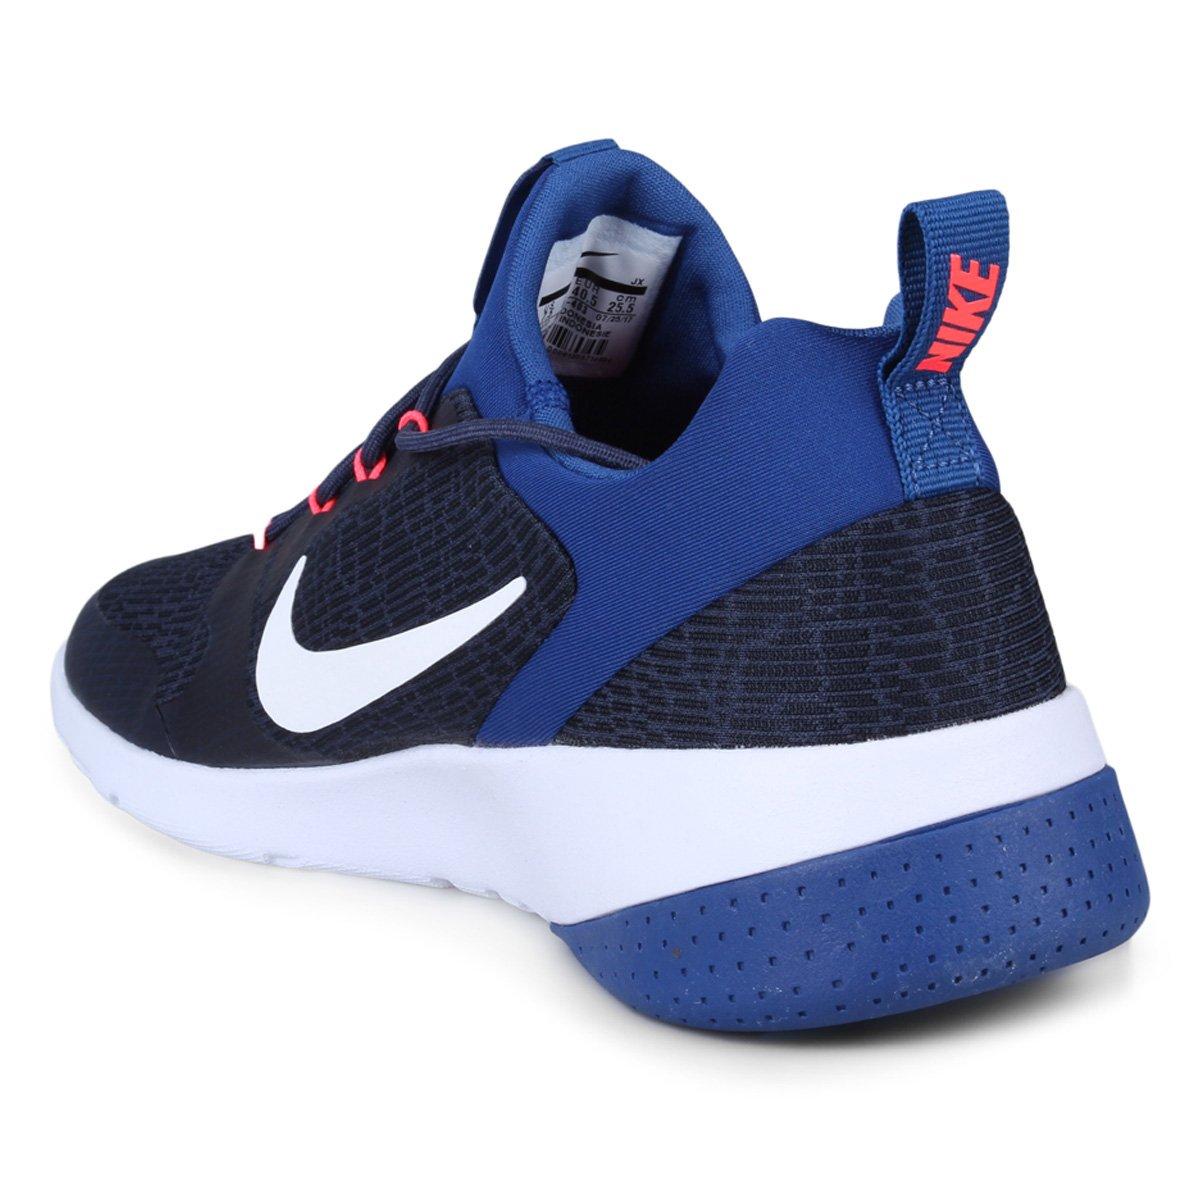 21ec9f7d403de Tênis Nike Ck Racer - Azul - Compre Agora